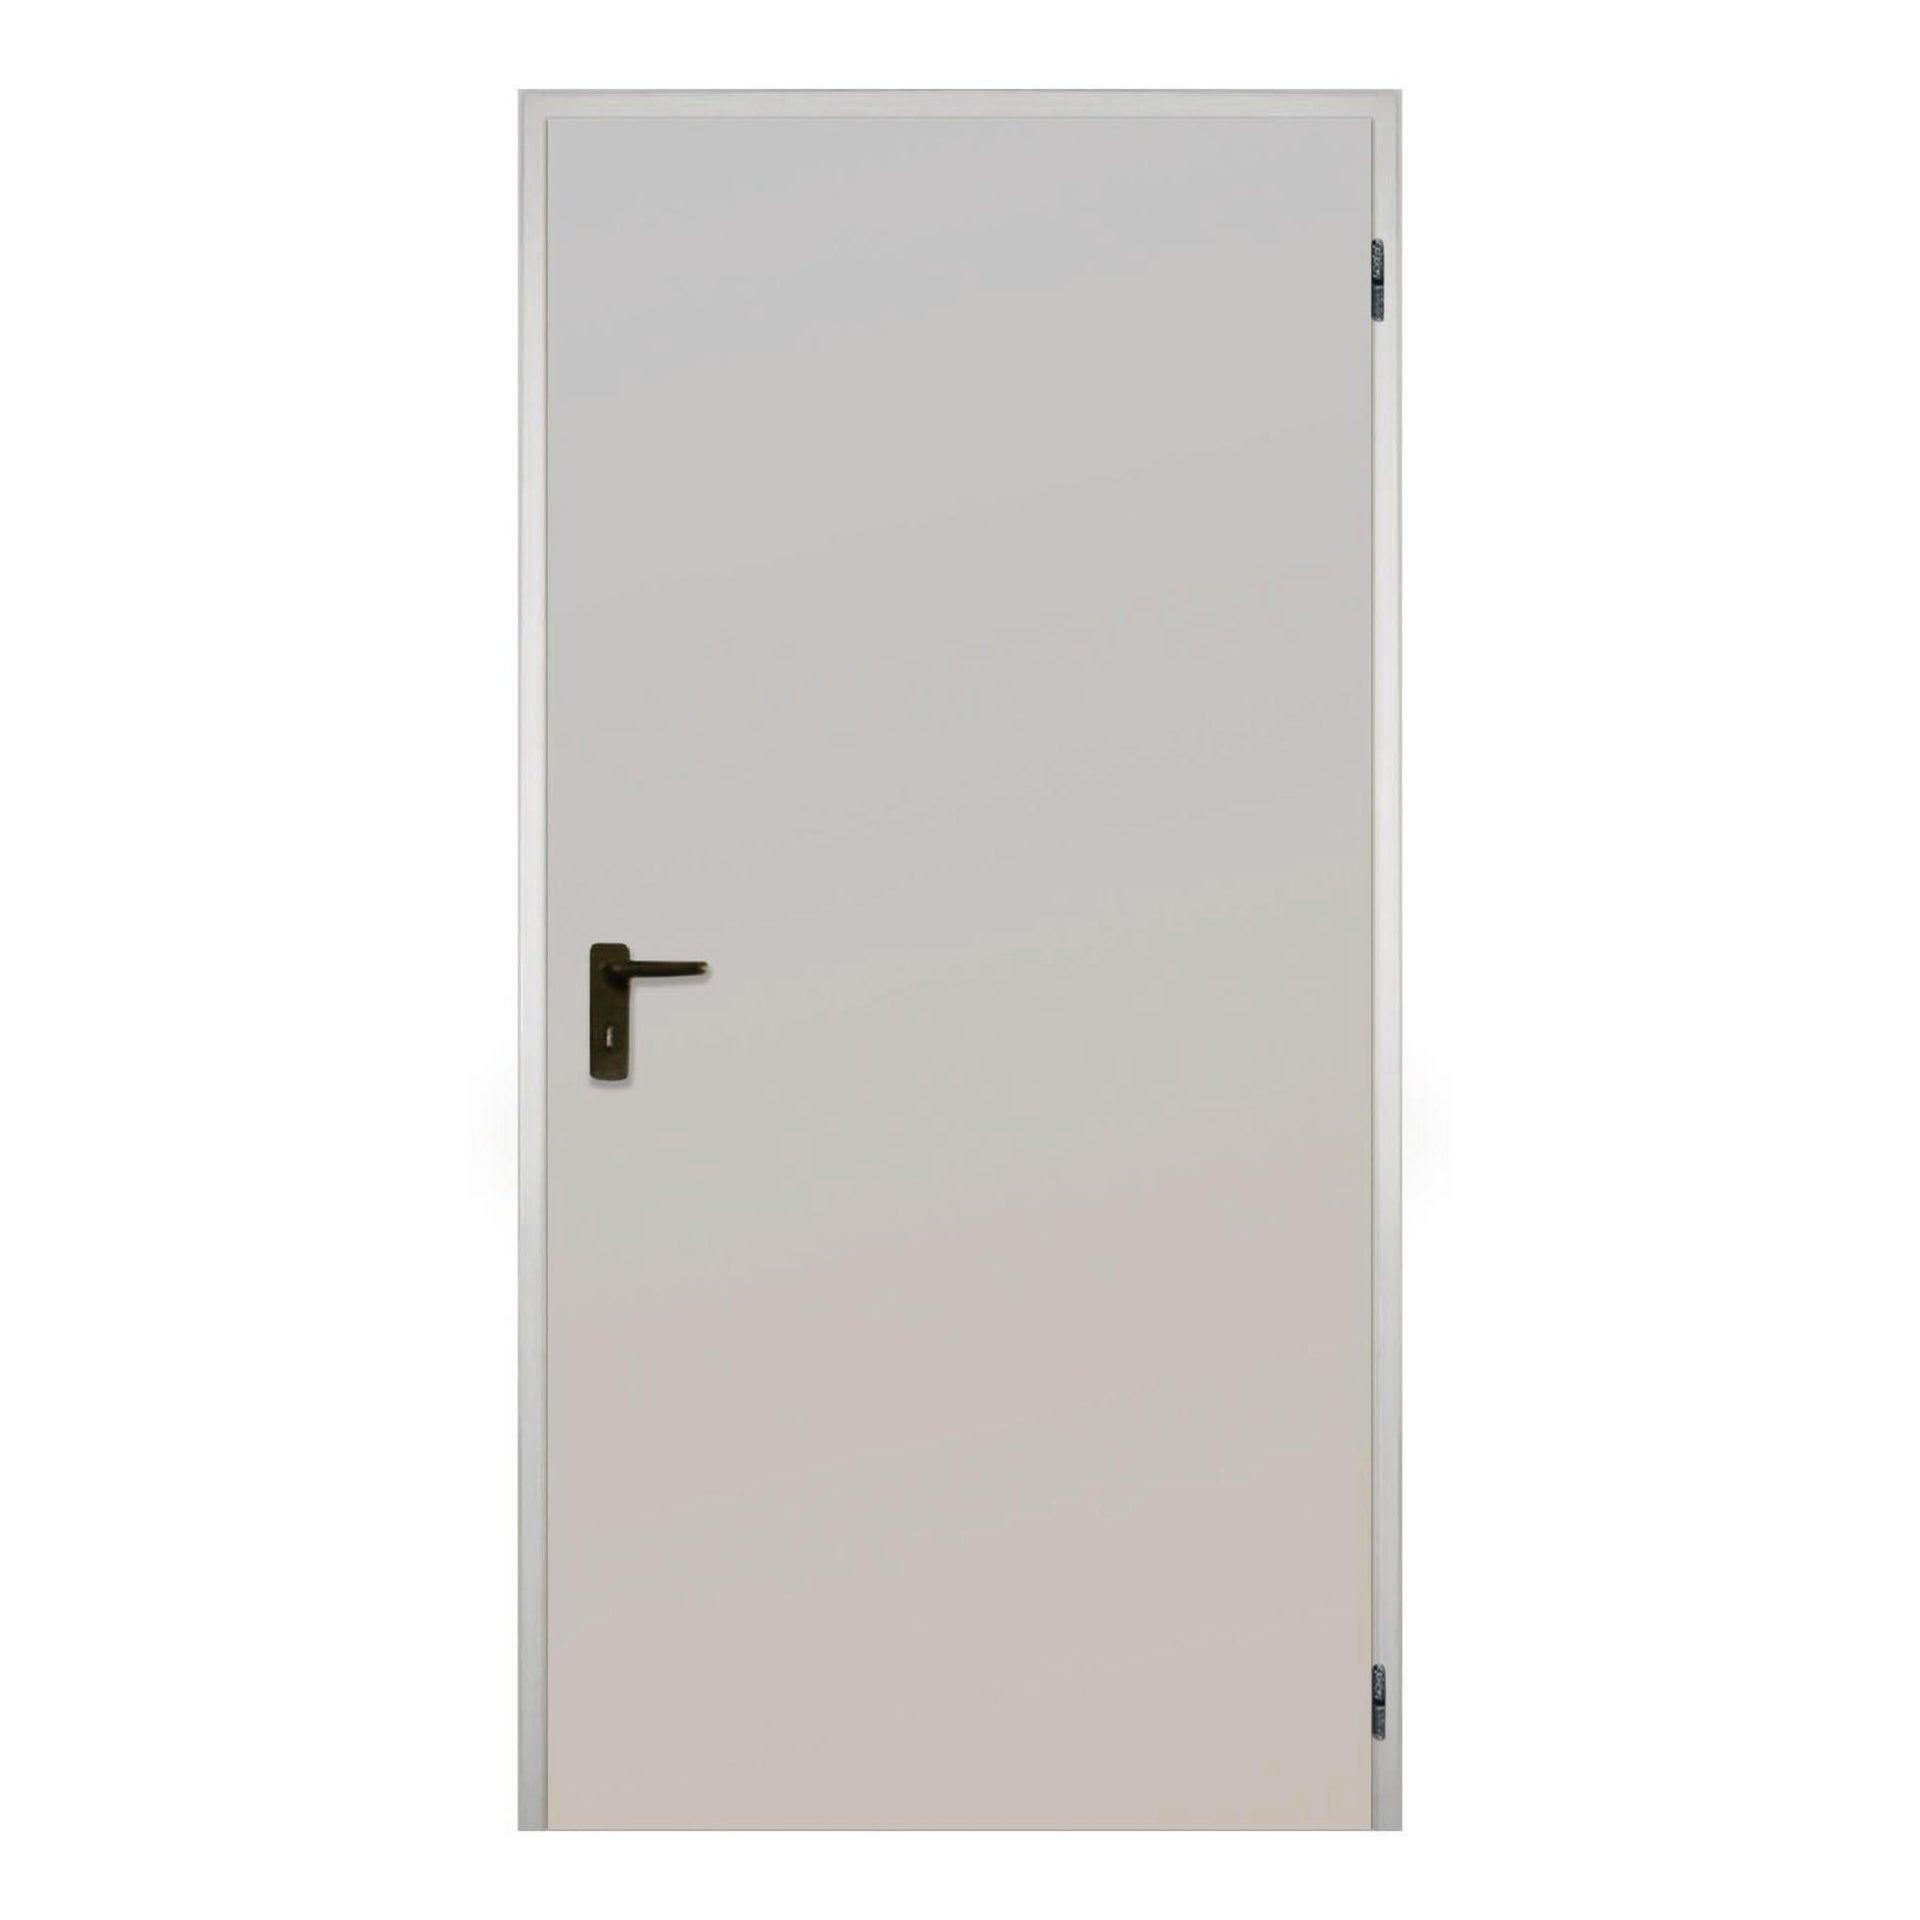 Porta per cantina tamburata zincata L 100 x H 215 cm